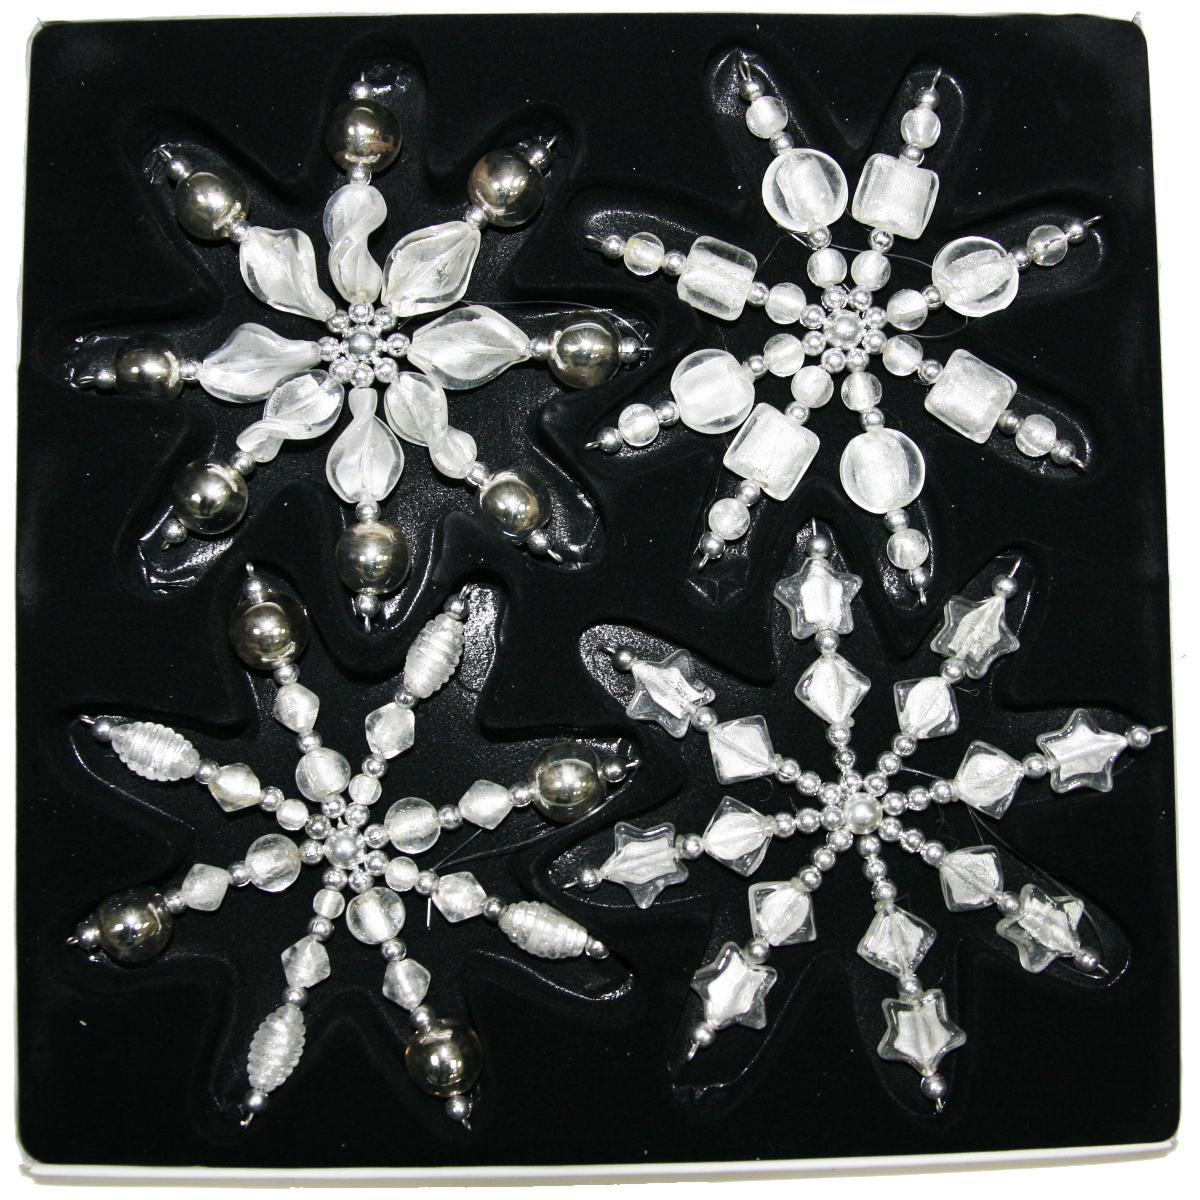 Украшение новогоднее подвесное Lovemark Снежинка, цвет: серебряный, 4 шт, высота 16 смNLED-454-9W-BKНовогоднее подвесное украшение Lovemark Снежинкавыполнено из прозрачного стекла. Спомощьюспециальной петельки украшение можно повесить влюбом понравившемся вамместе. Но, конечно, удачнее всего оно будетсмотреться на праздничной елке.Елочная игрушка - символ Нового года. Она несет всебе волшебство и красотупраздника. Создайте в своем доме атмосферувеселья и радости, украшаяновогоднюю елку нарядными игрушками, которыебудут из года в год накапливатьтеплоту воспоминаний.Высота украшения: 16 см.